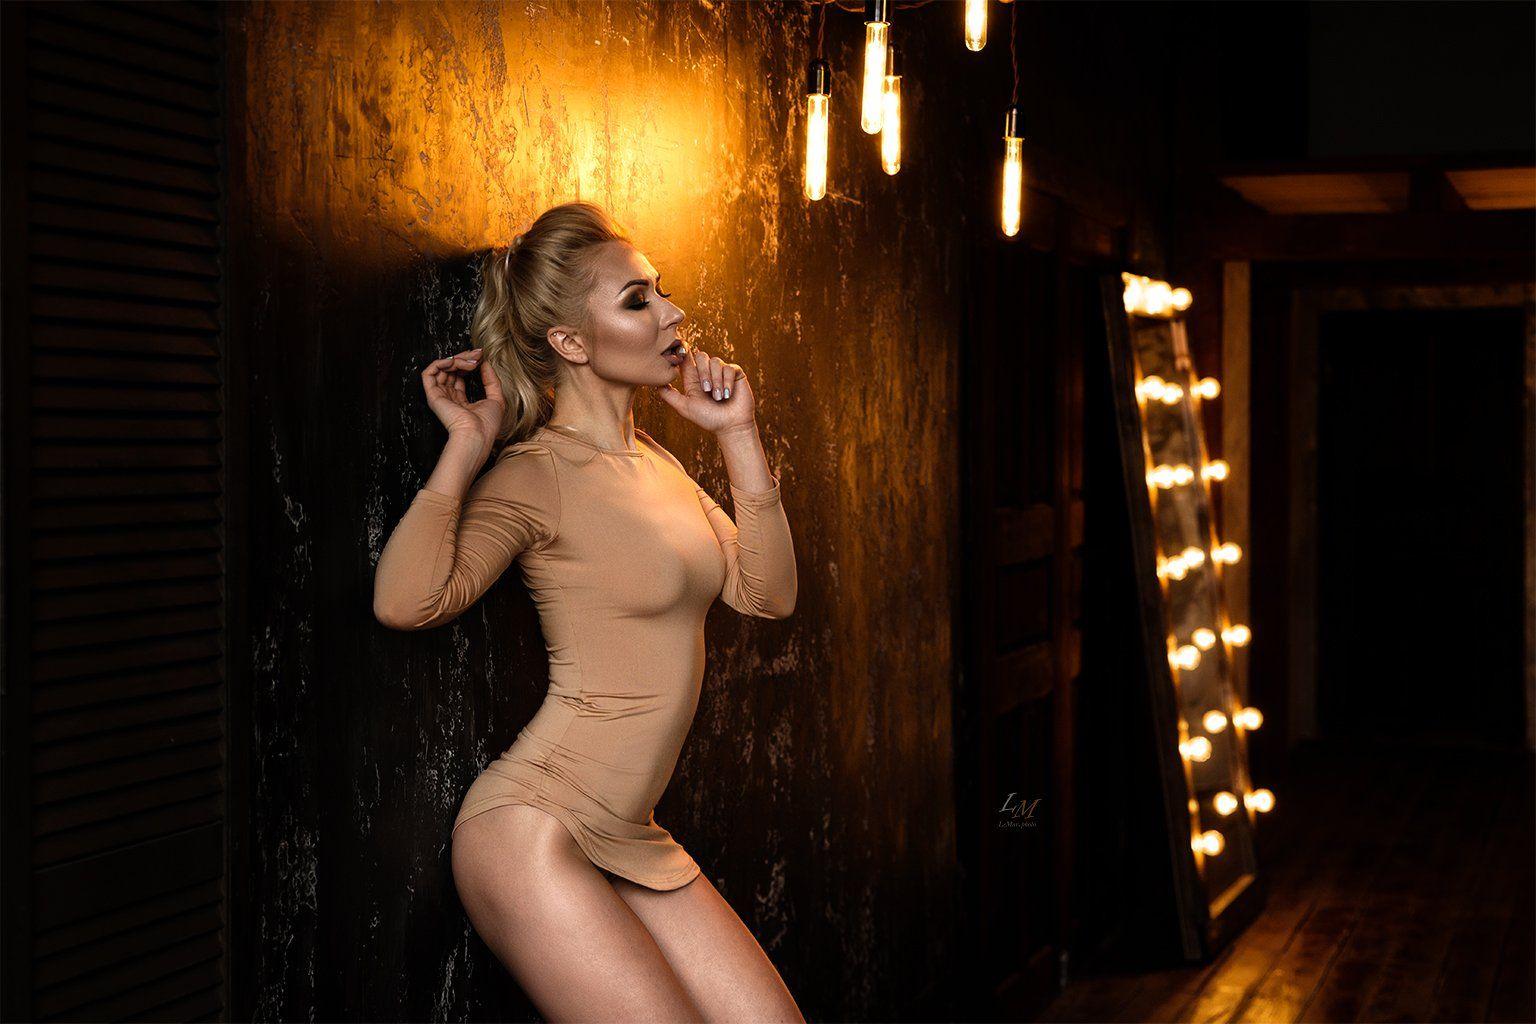 гламур, девушка, модель, красотка, секси, фотограф москва, фотограф в москве, фотосессия в студии, ищу модель, приглашаю на съёмки, Леонид Маркачев